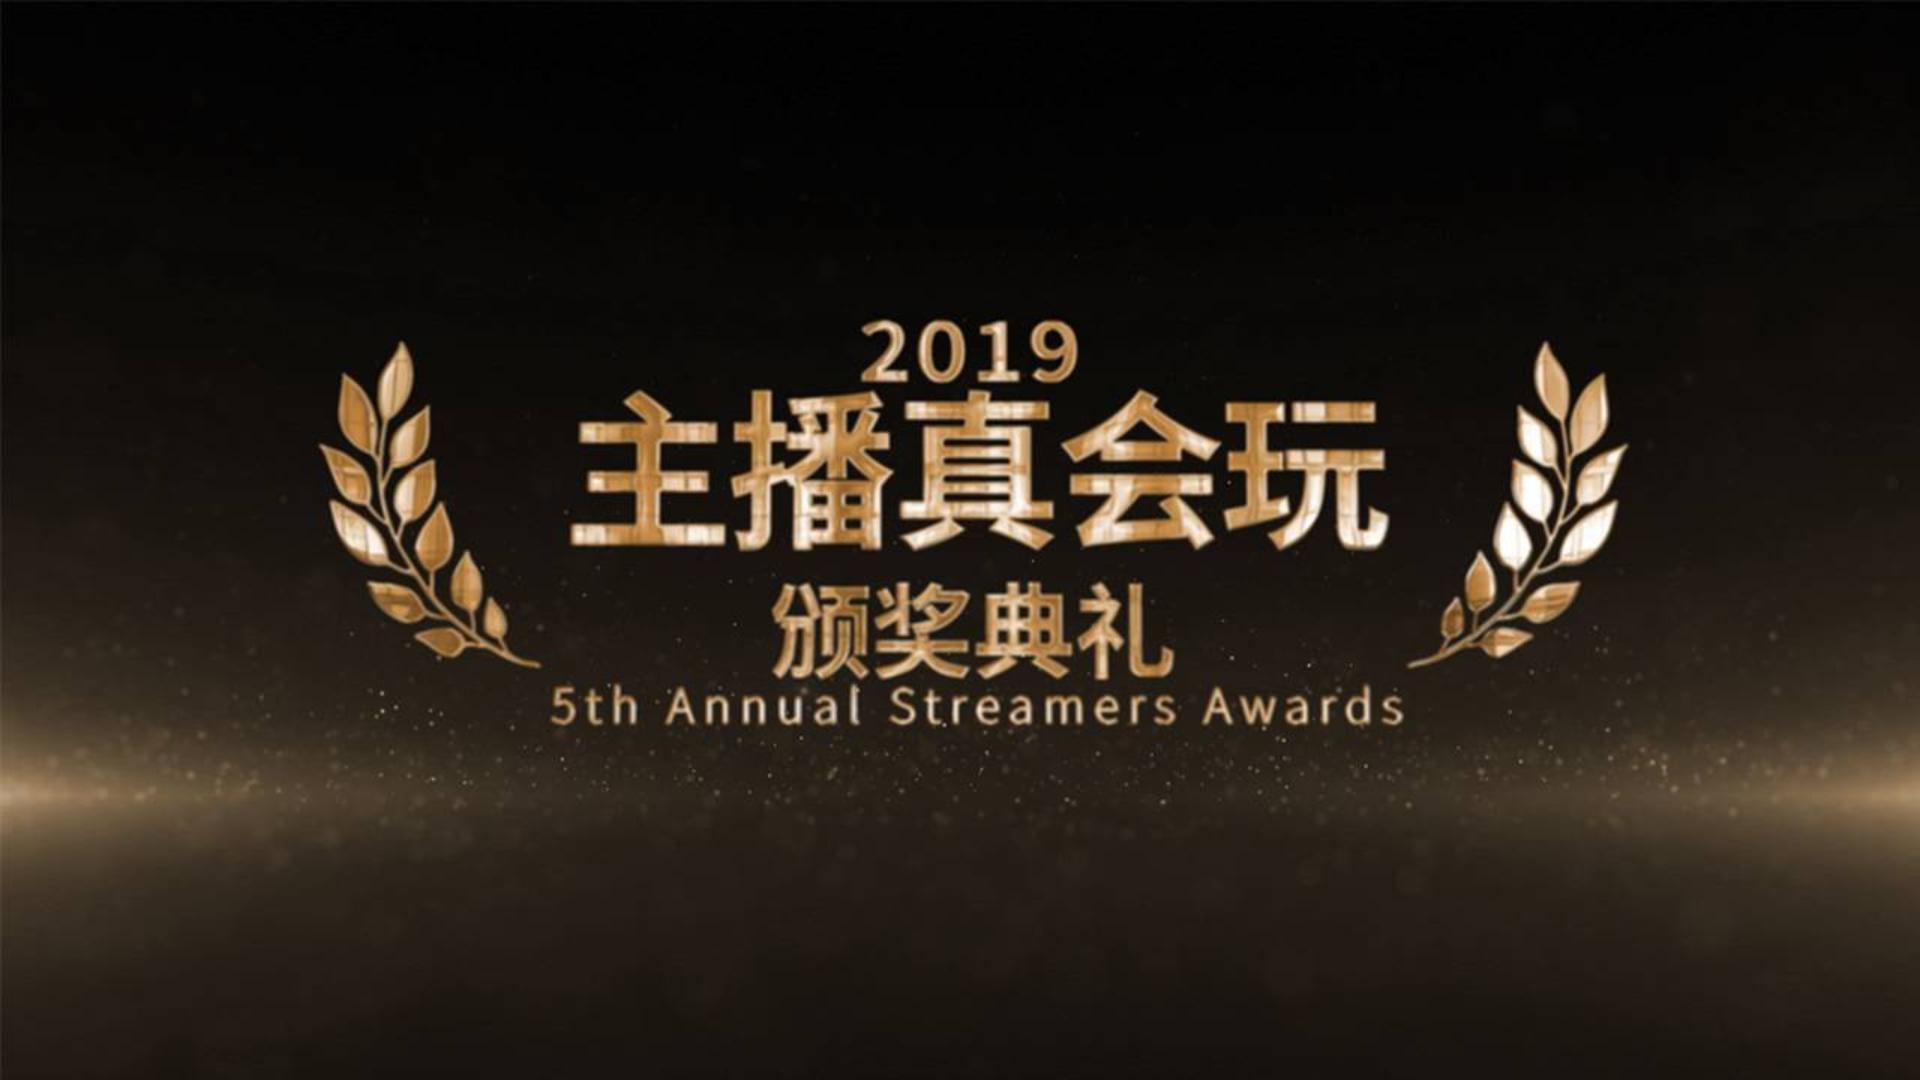 【主播真会玩】:2019年度颁奖典礼